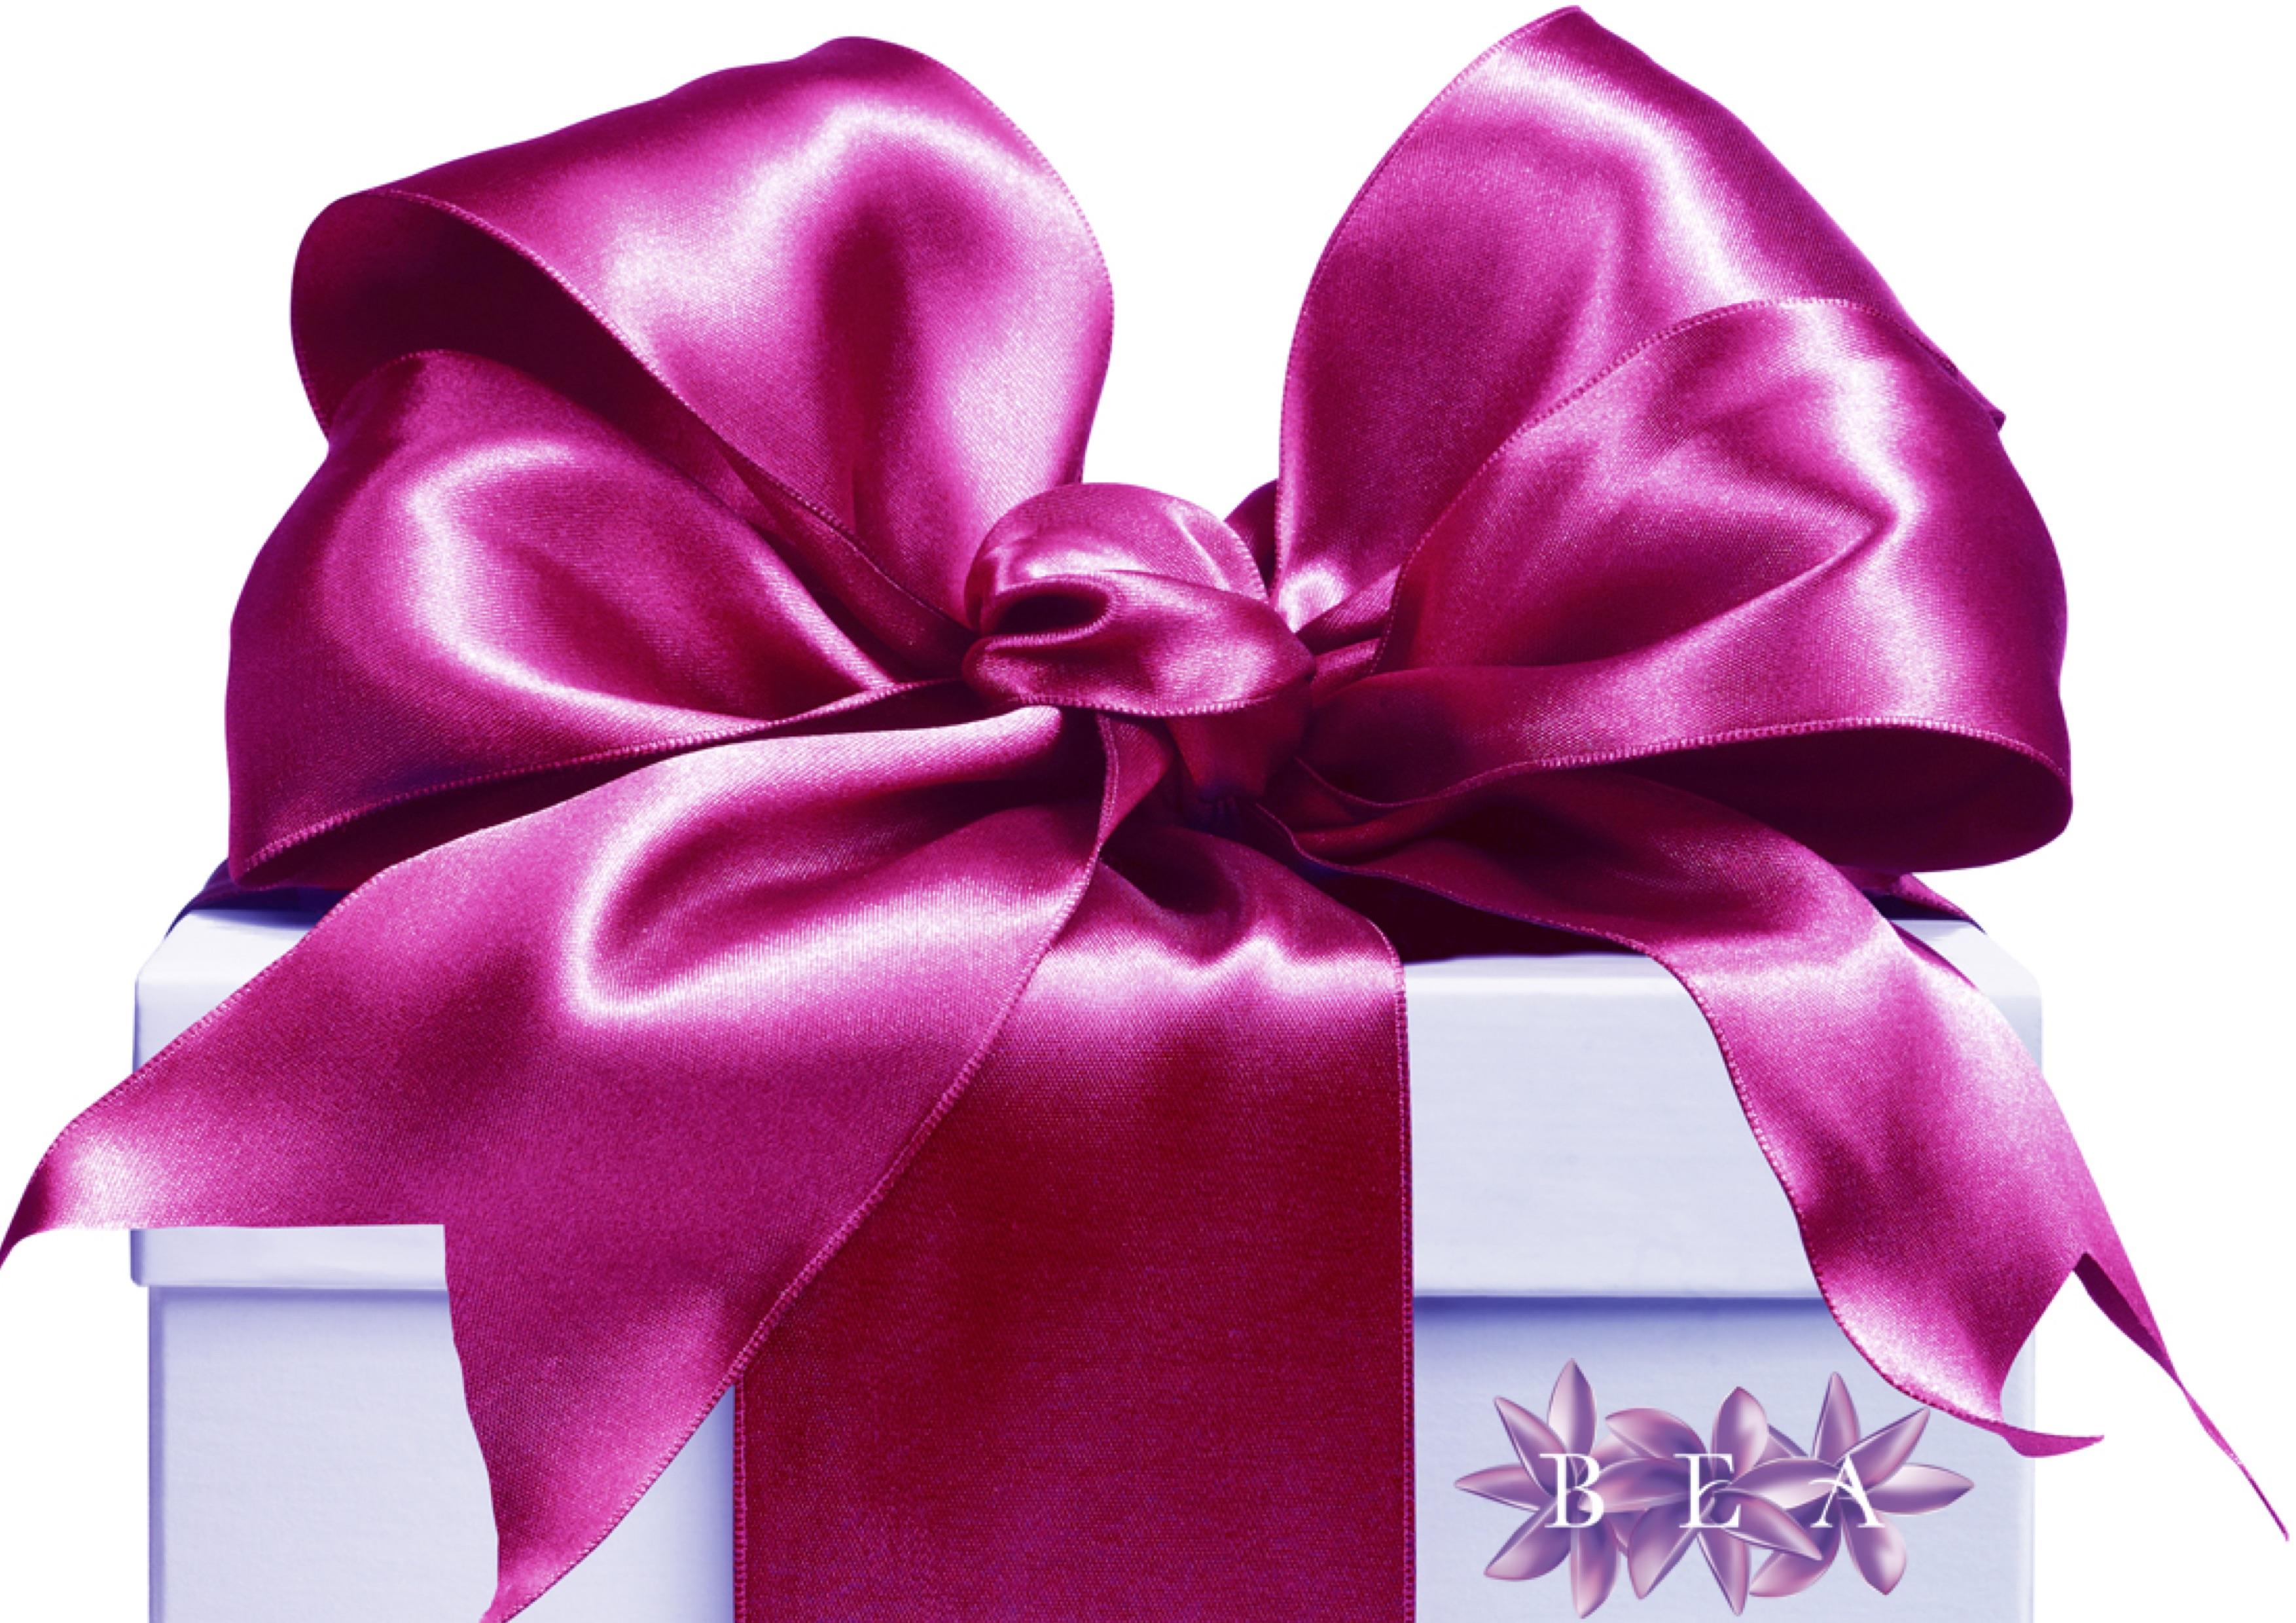 sconto, regalo, promozione, estetica, trucco, unghie, make up